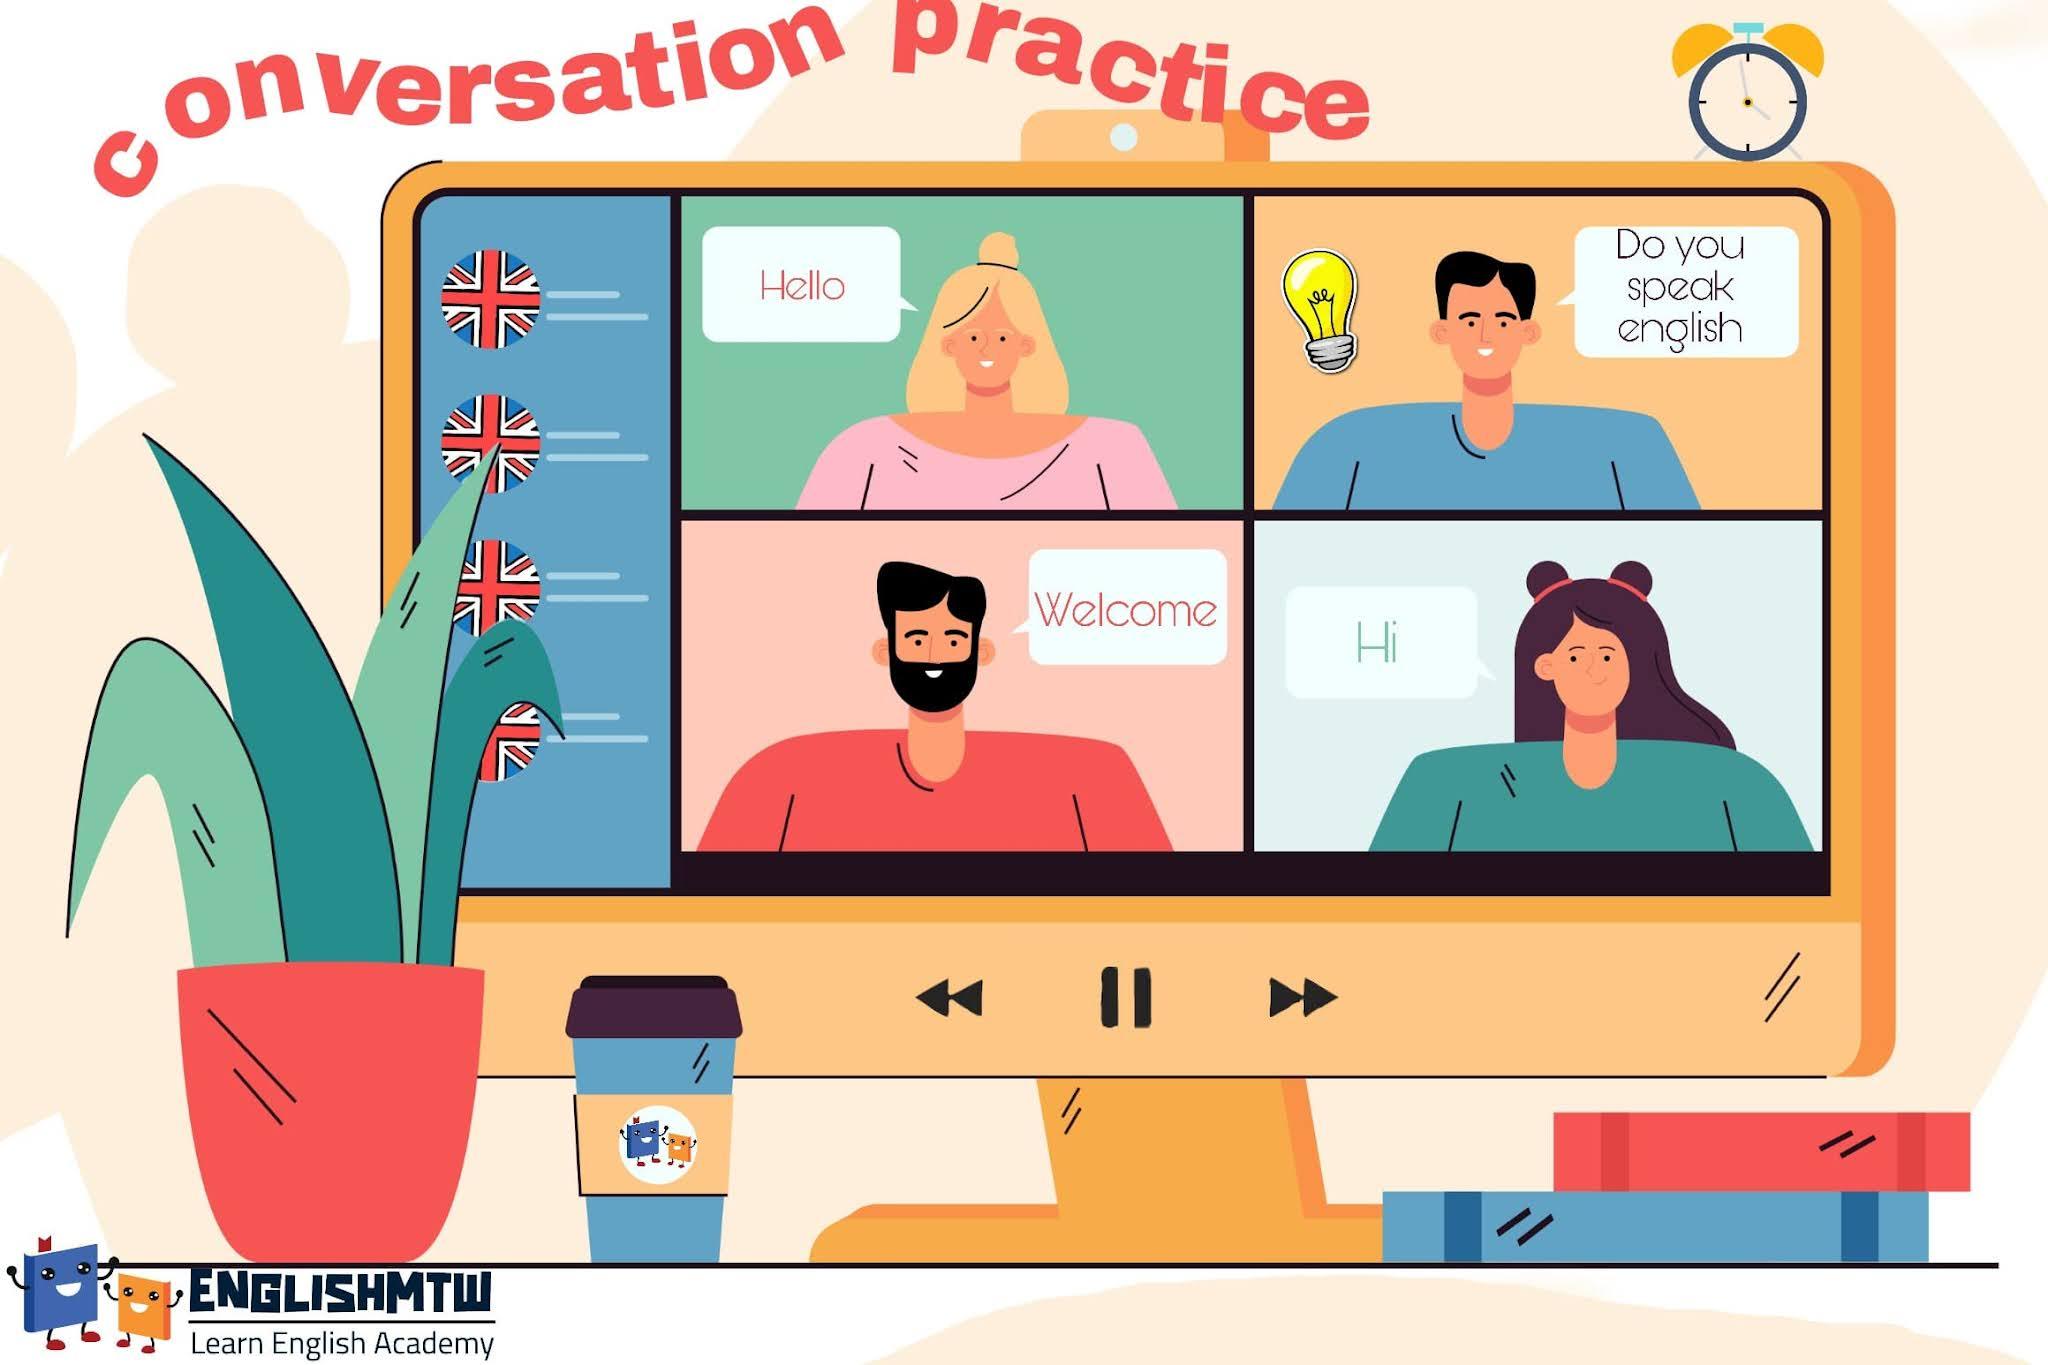 تدرب على المحادثة بالإنجليزية : مواقع محادثة انجليزي اون لاين مجانا